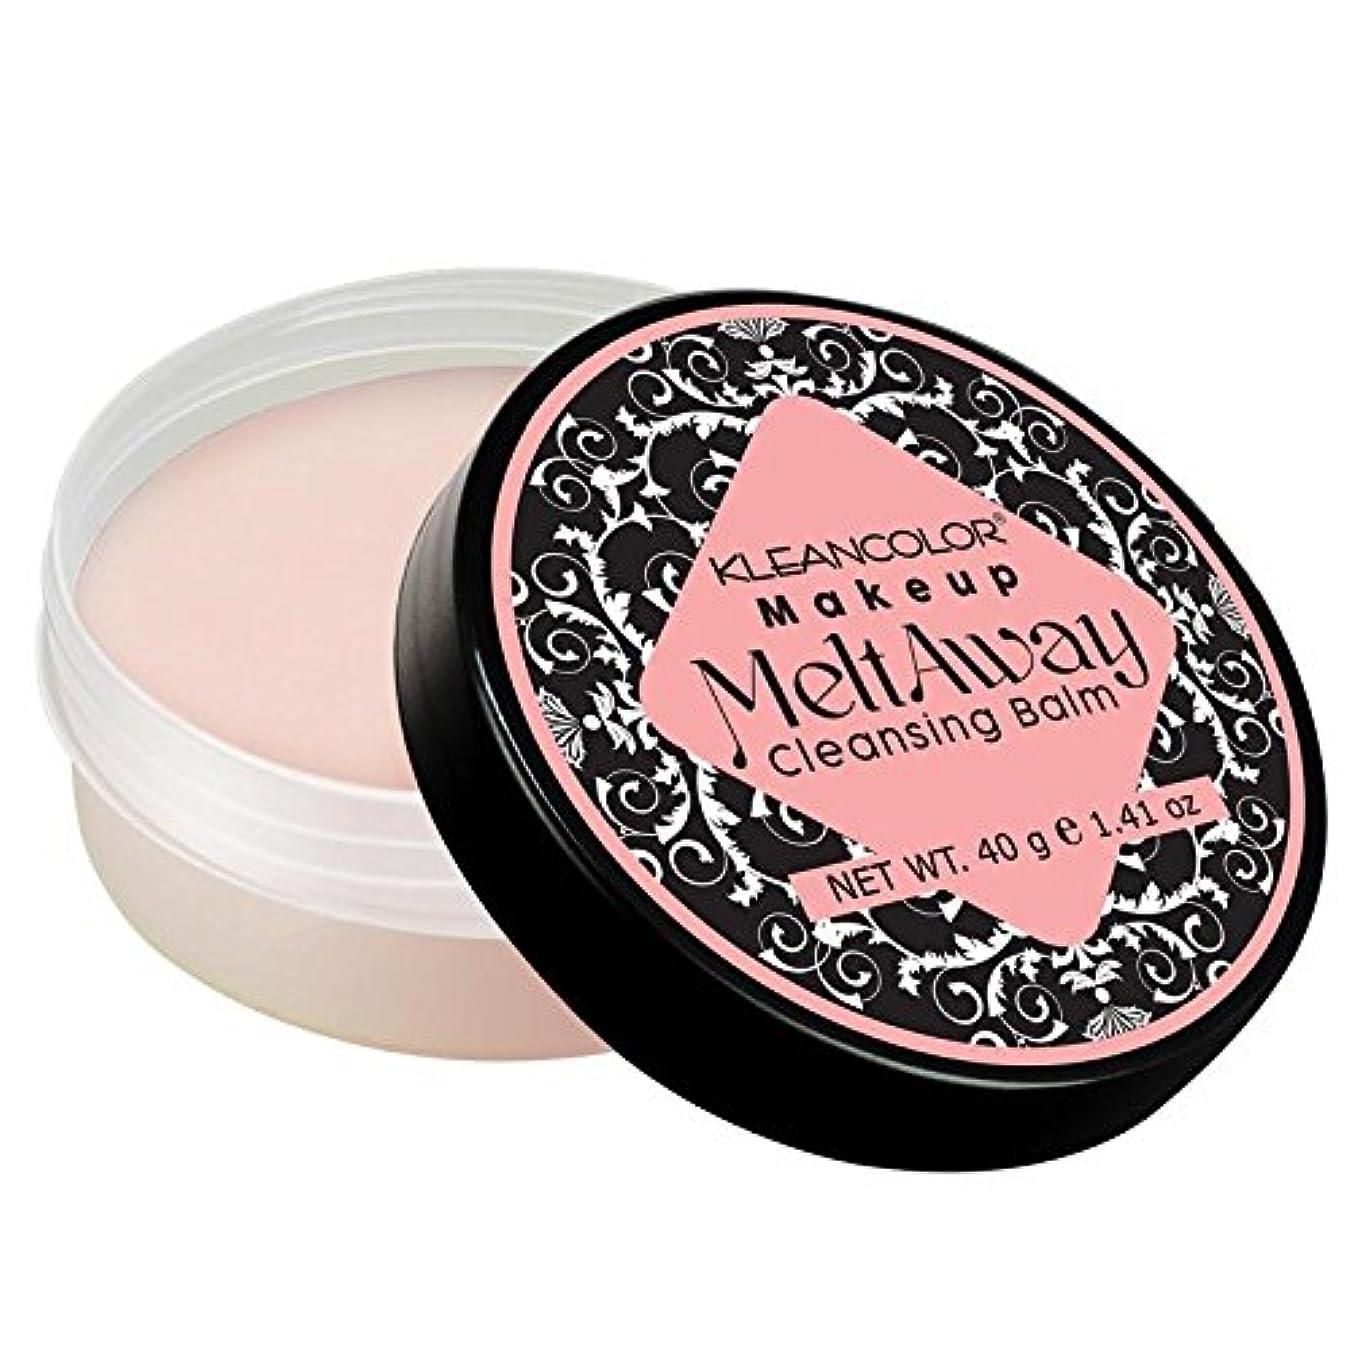 赤面フィッティング急襲(3 Pack) KLEANCOLOR Makeup Meltaway Cleansing Balm (並行輸入品)